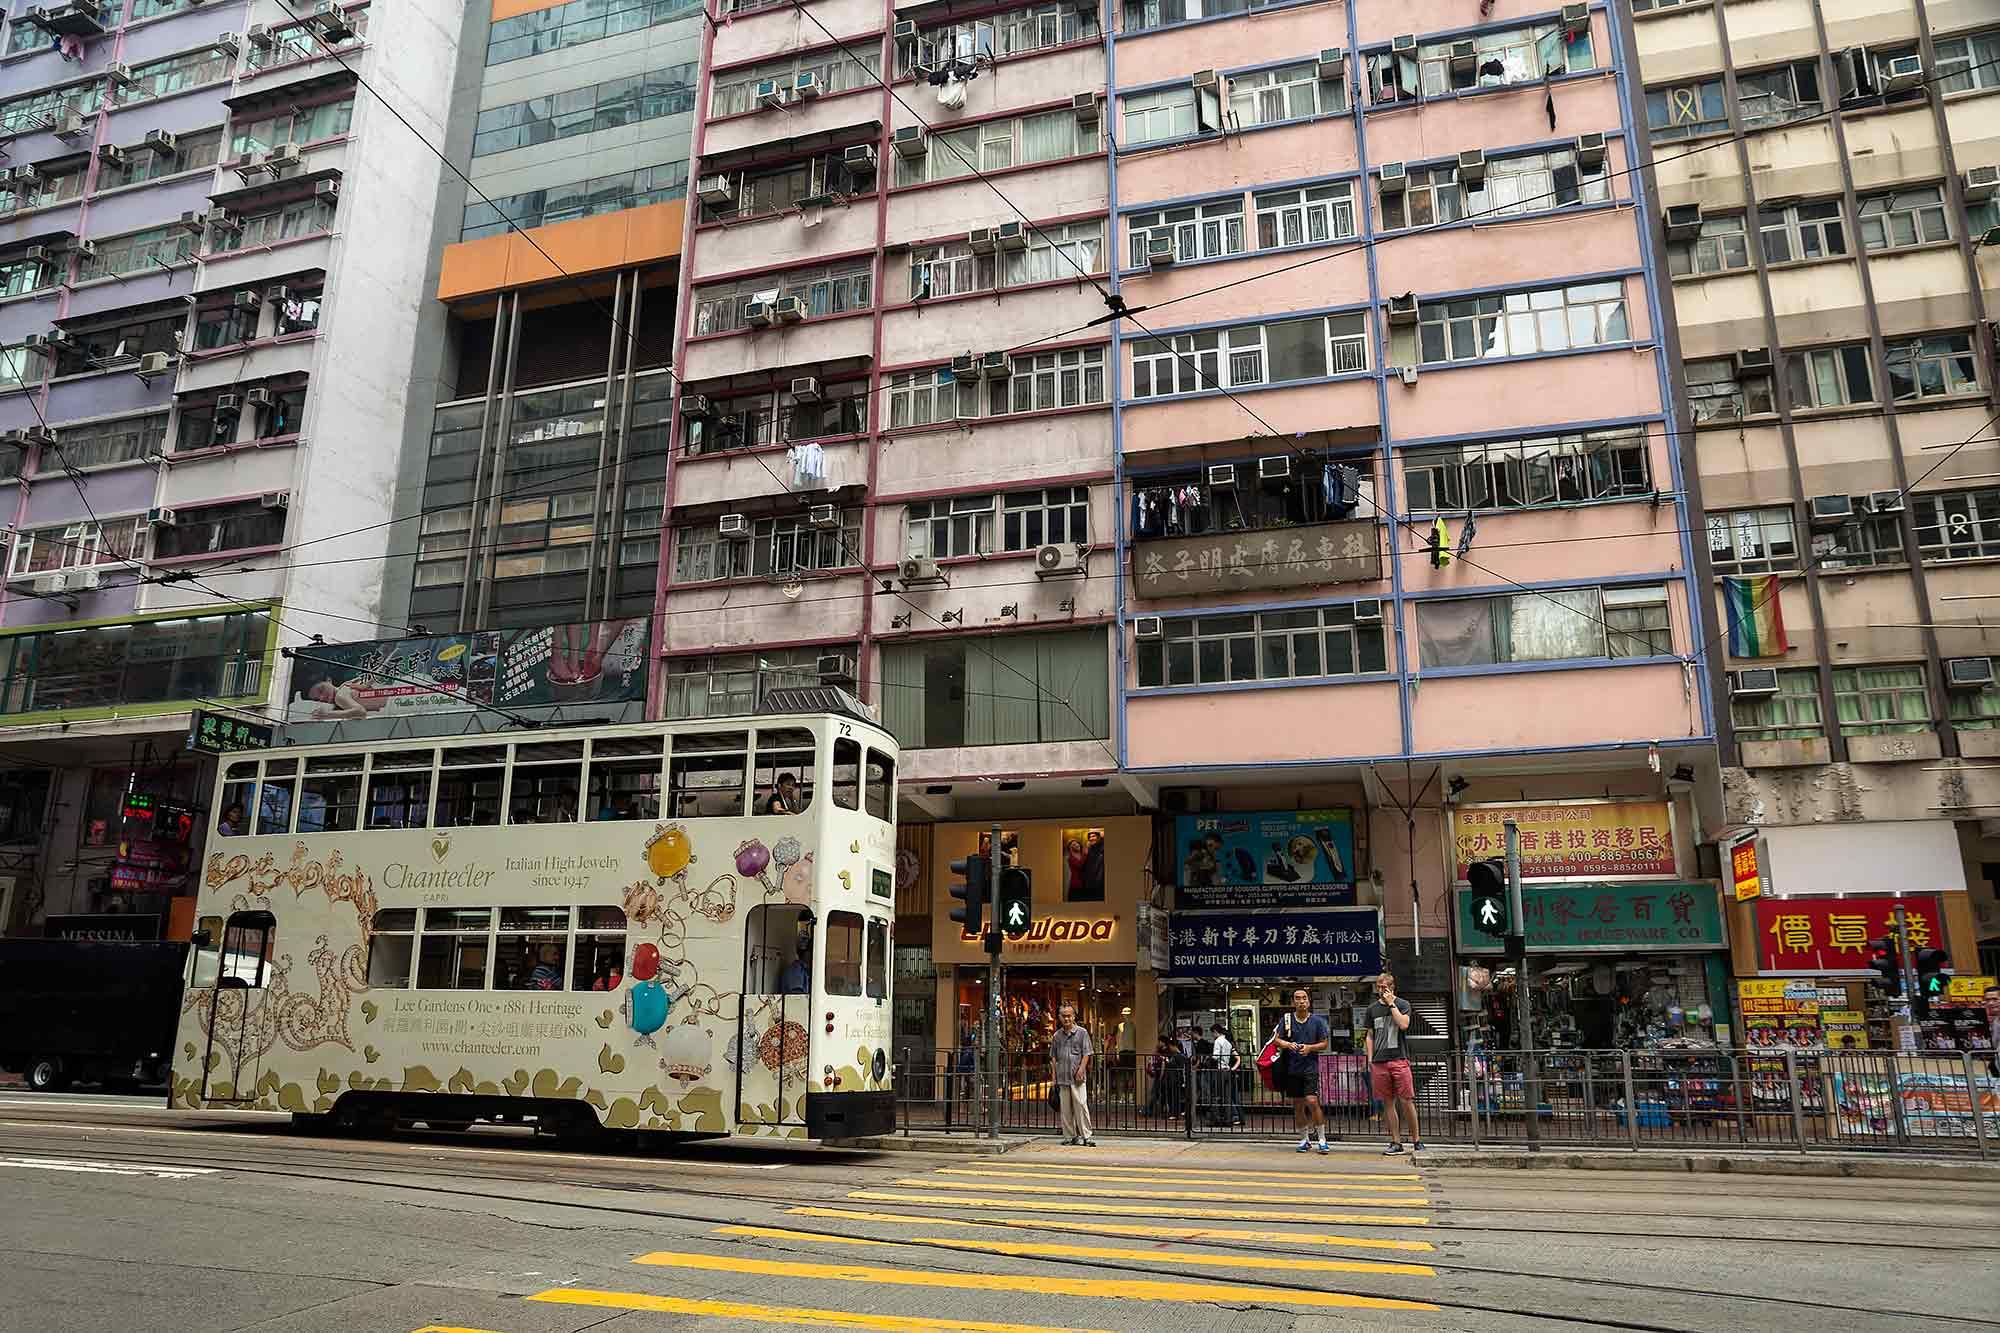 A tram in Wanchai, Hong Kong. © Ulli Maier & Nisa Maier